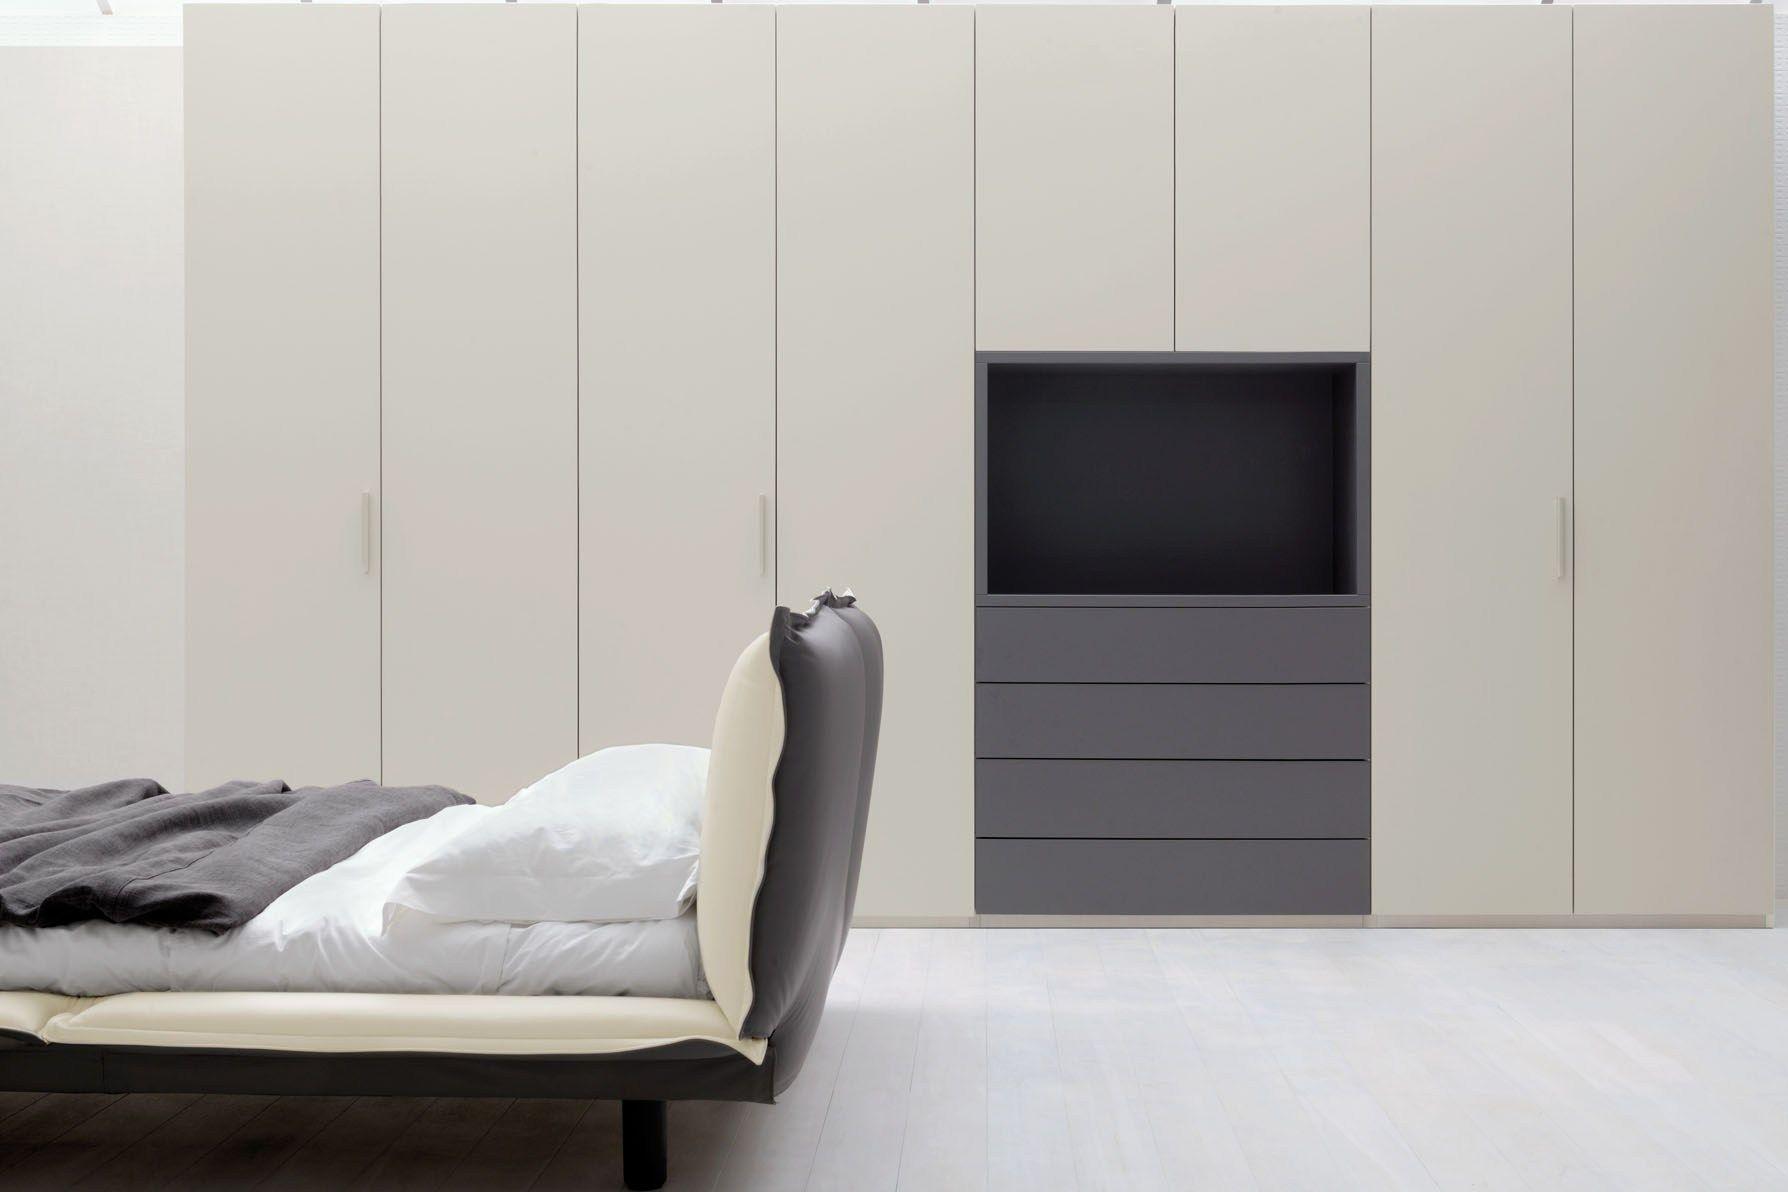 Armadio Con Spazio Tv. Affordable Armadio Con Spazio Tv With Armadio ...